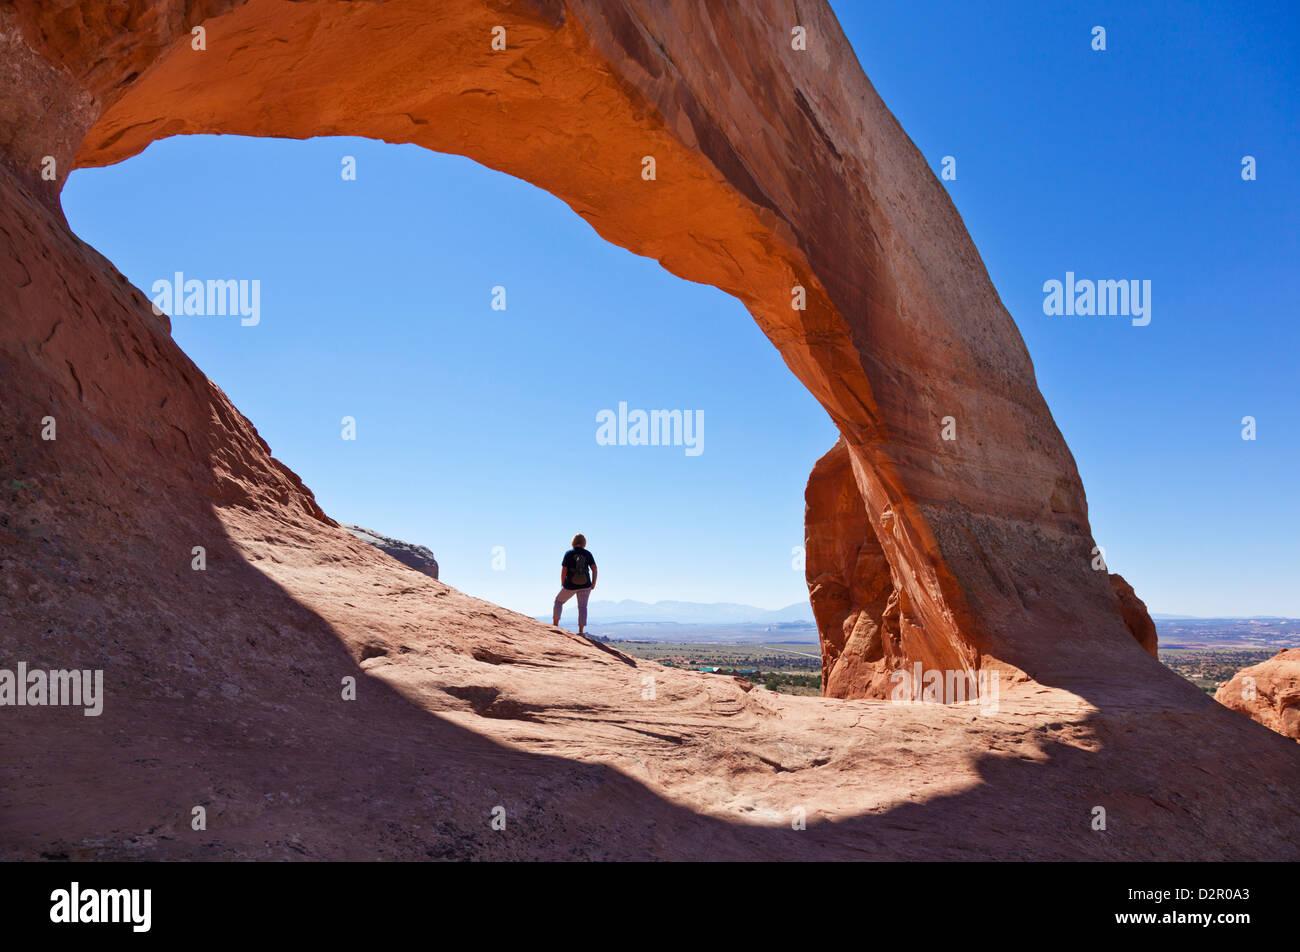 Einsame Touristen Wanderer am Wilson Arch, in der Nähe von Moab, Utah, Vereinigte Staaten von Amerika, Nordamerika Stockbild